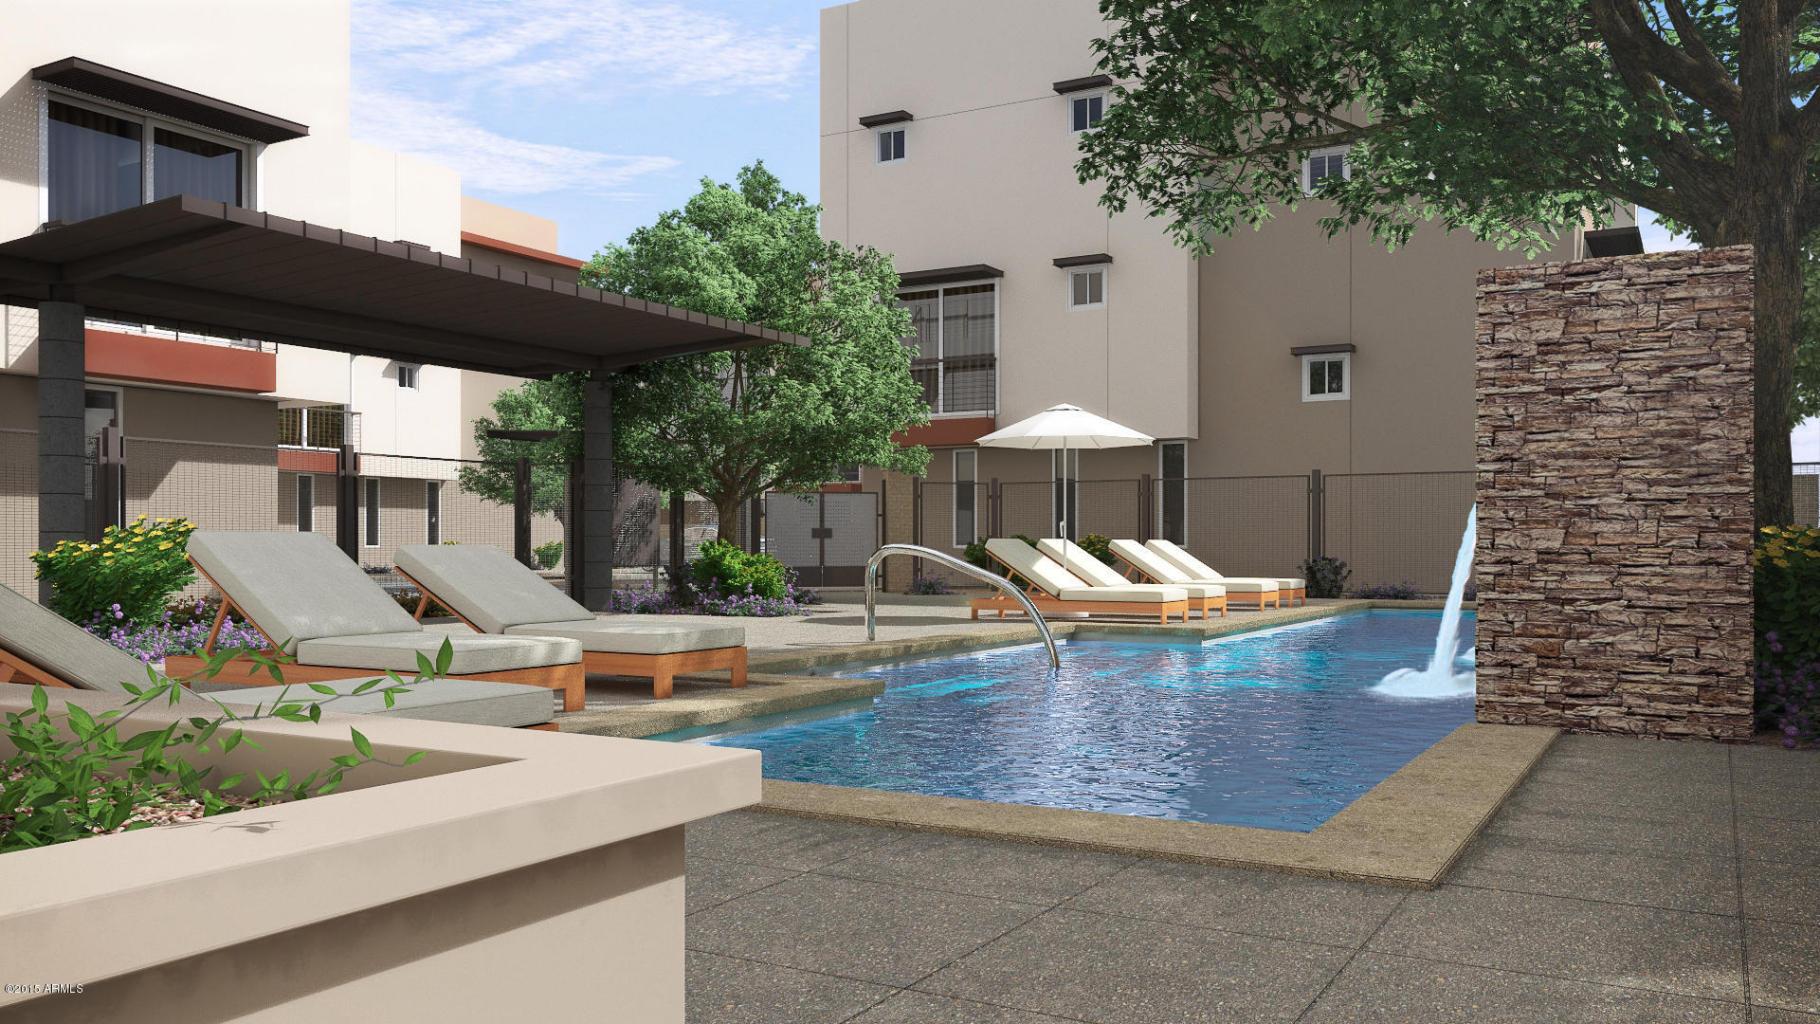 Aerium scottsdale courtyard pool rendering